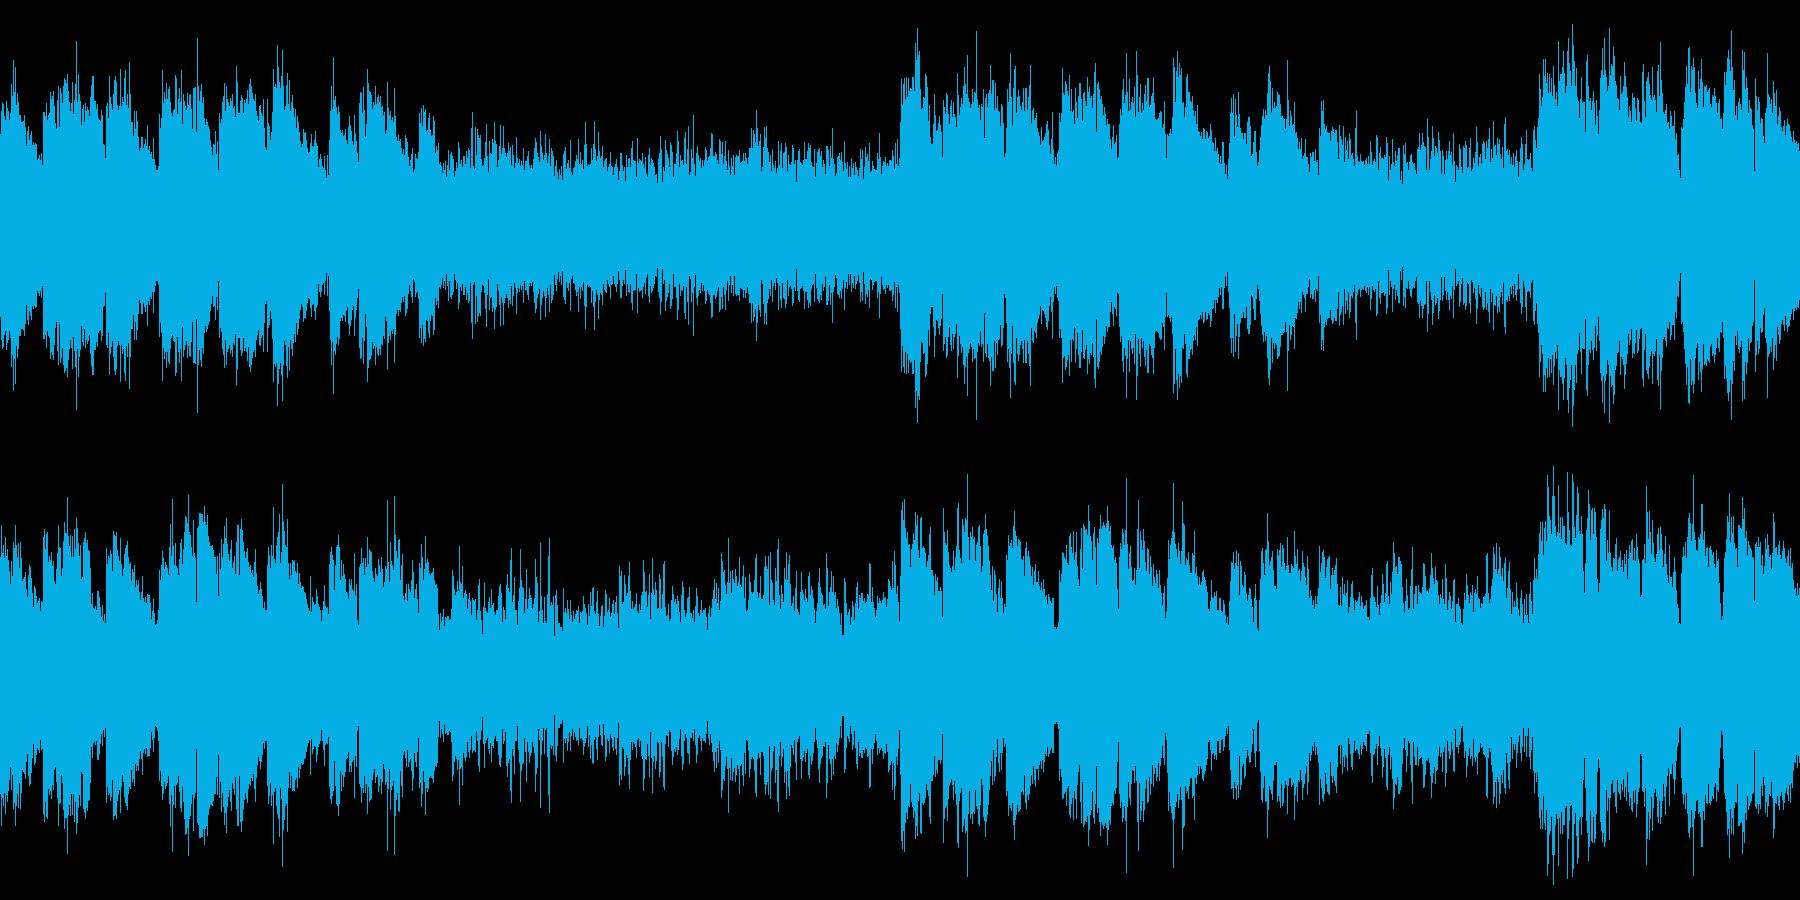 ラストダンジョンBGM風 緊迫感のある曲の再生済みの波形